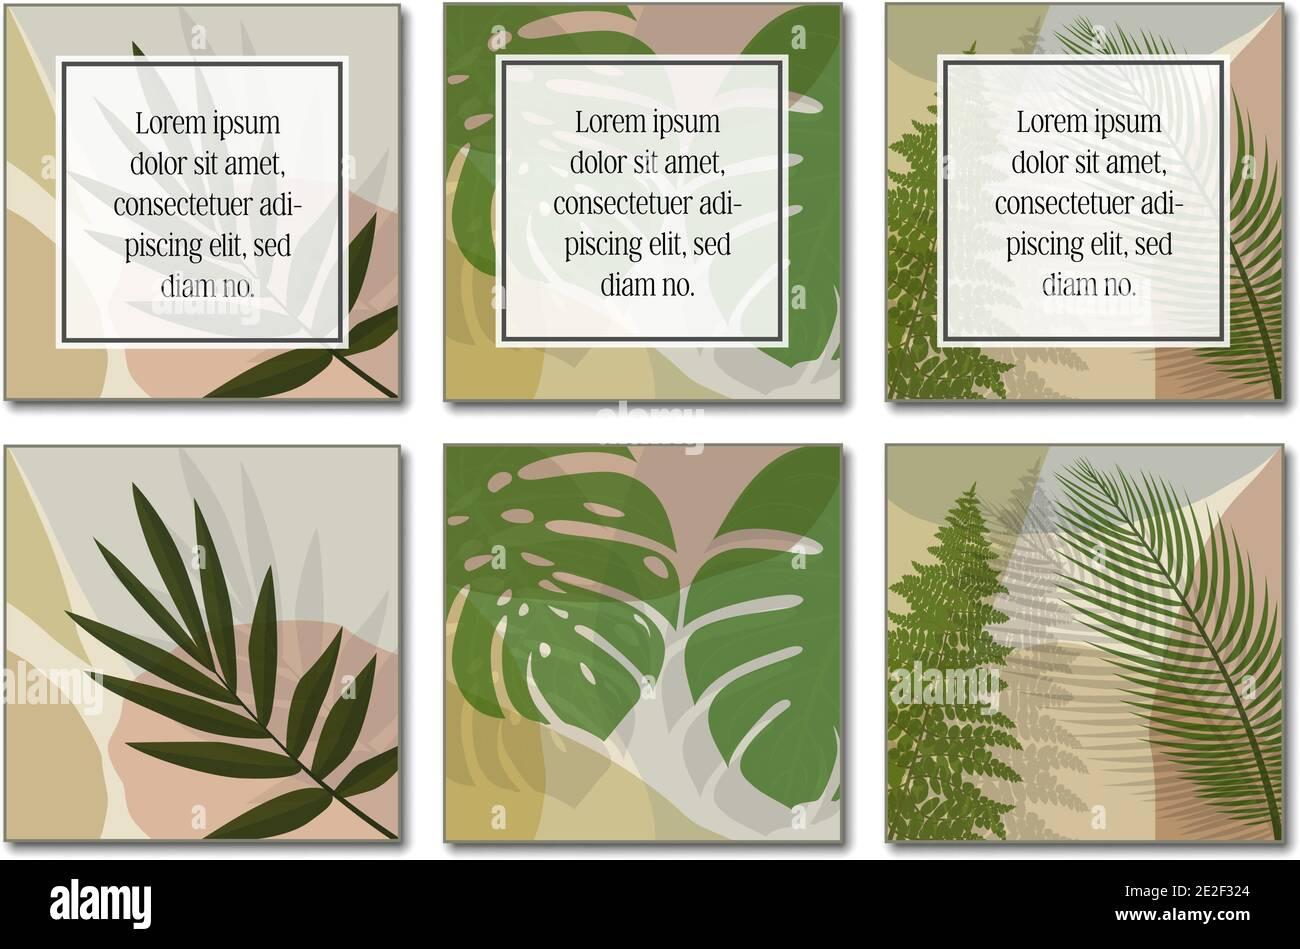 plantilla de diseño botánico de varias páginas con espacio de copia para ilustración vectorial de texto. Ilustración del Vector